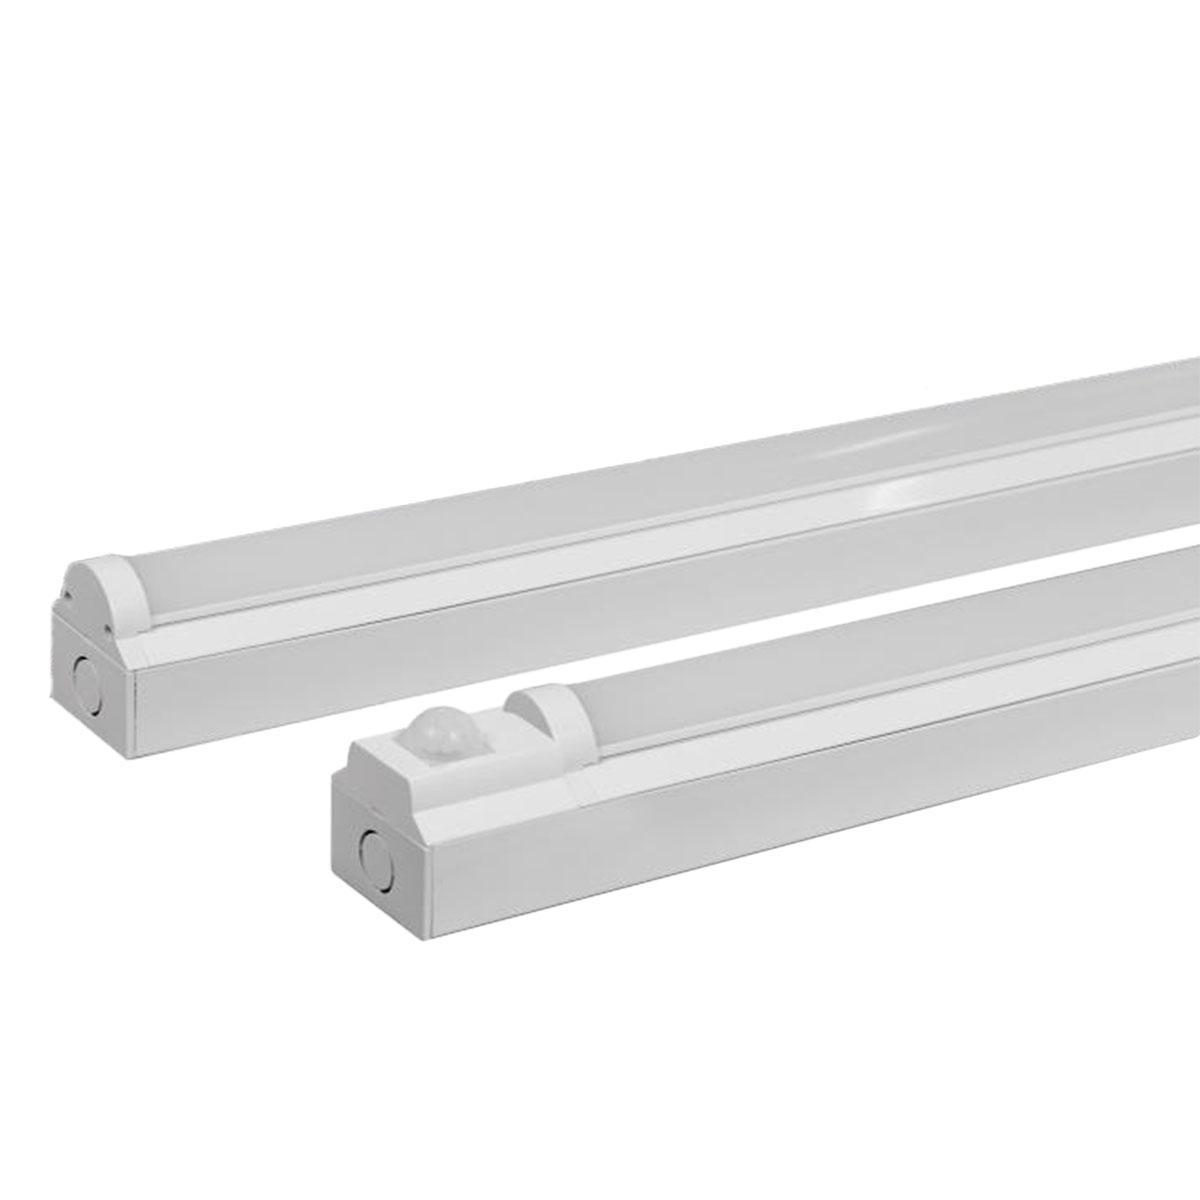 LED Lichtleiste CCT 60cm 10W 120lm/w IP20